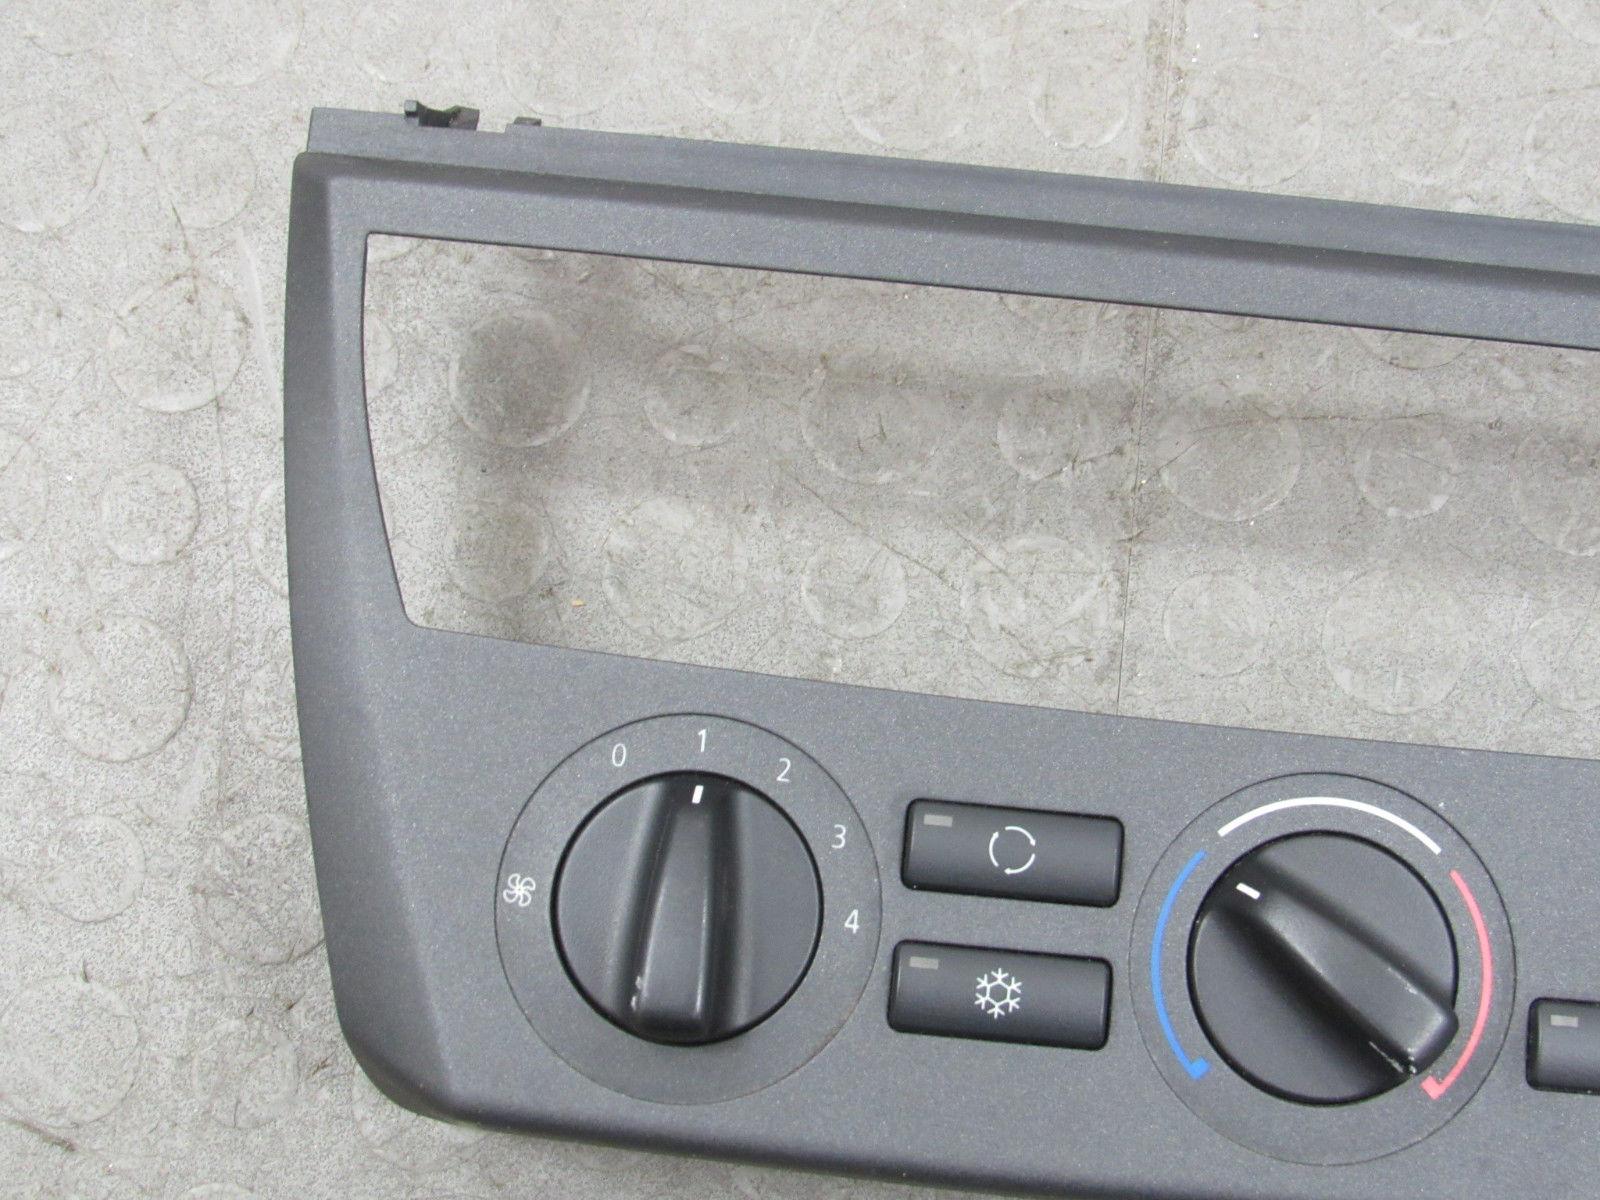 Ant iso-unirse a Kit Para Chino//radio BMW X3 E83 SWC-0451-aJ Adaptador De Tallo Facia